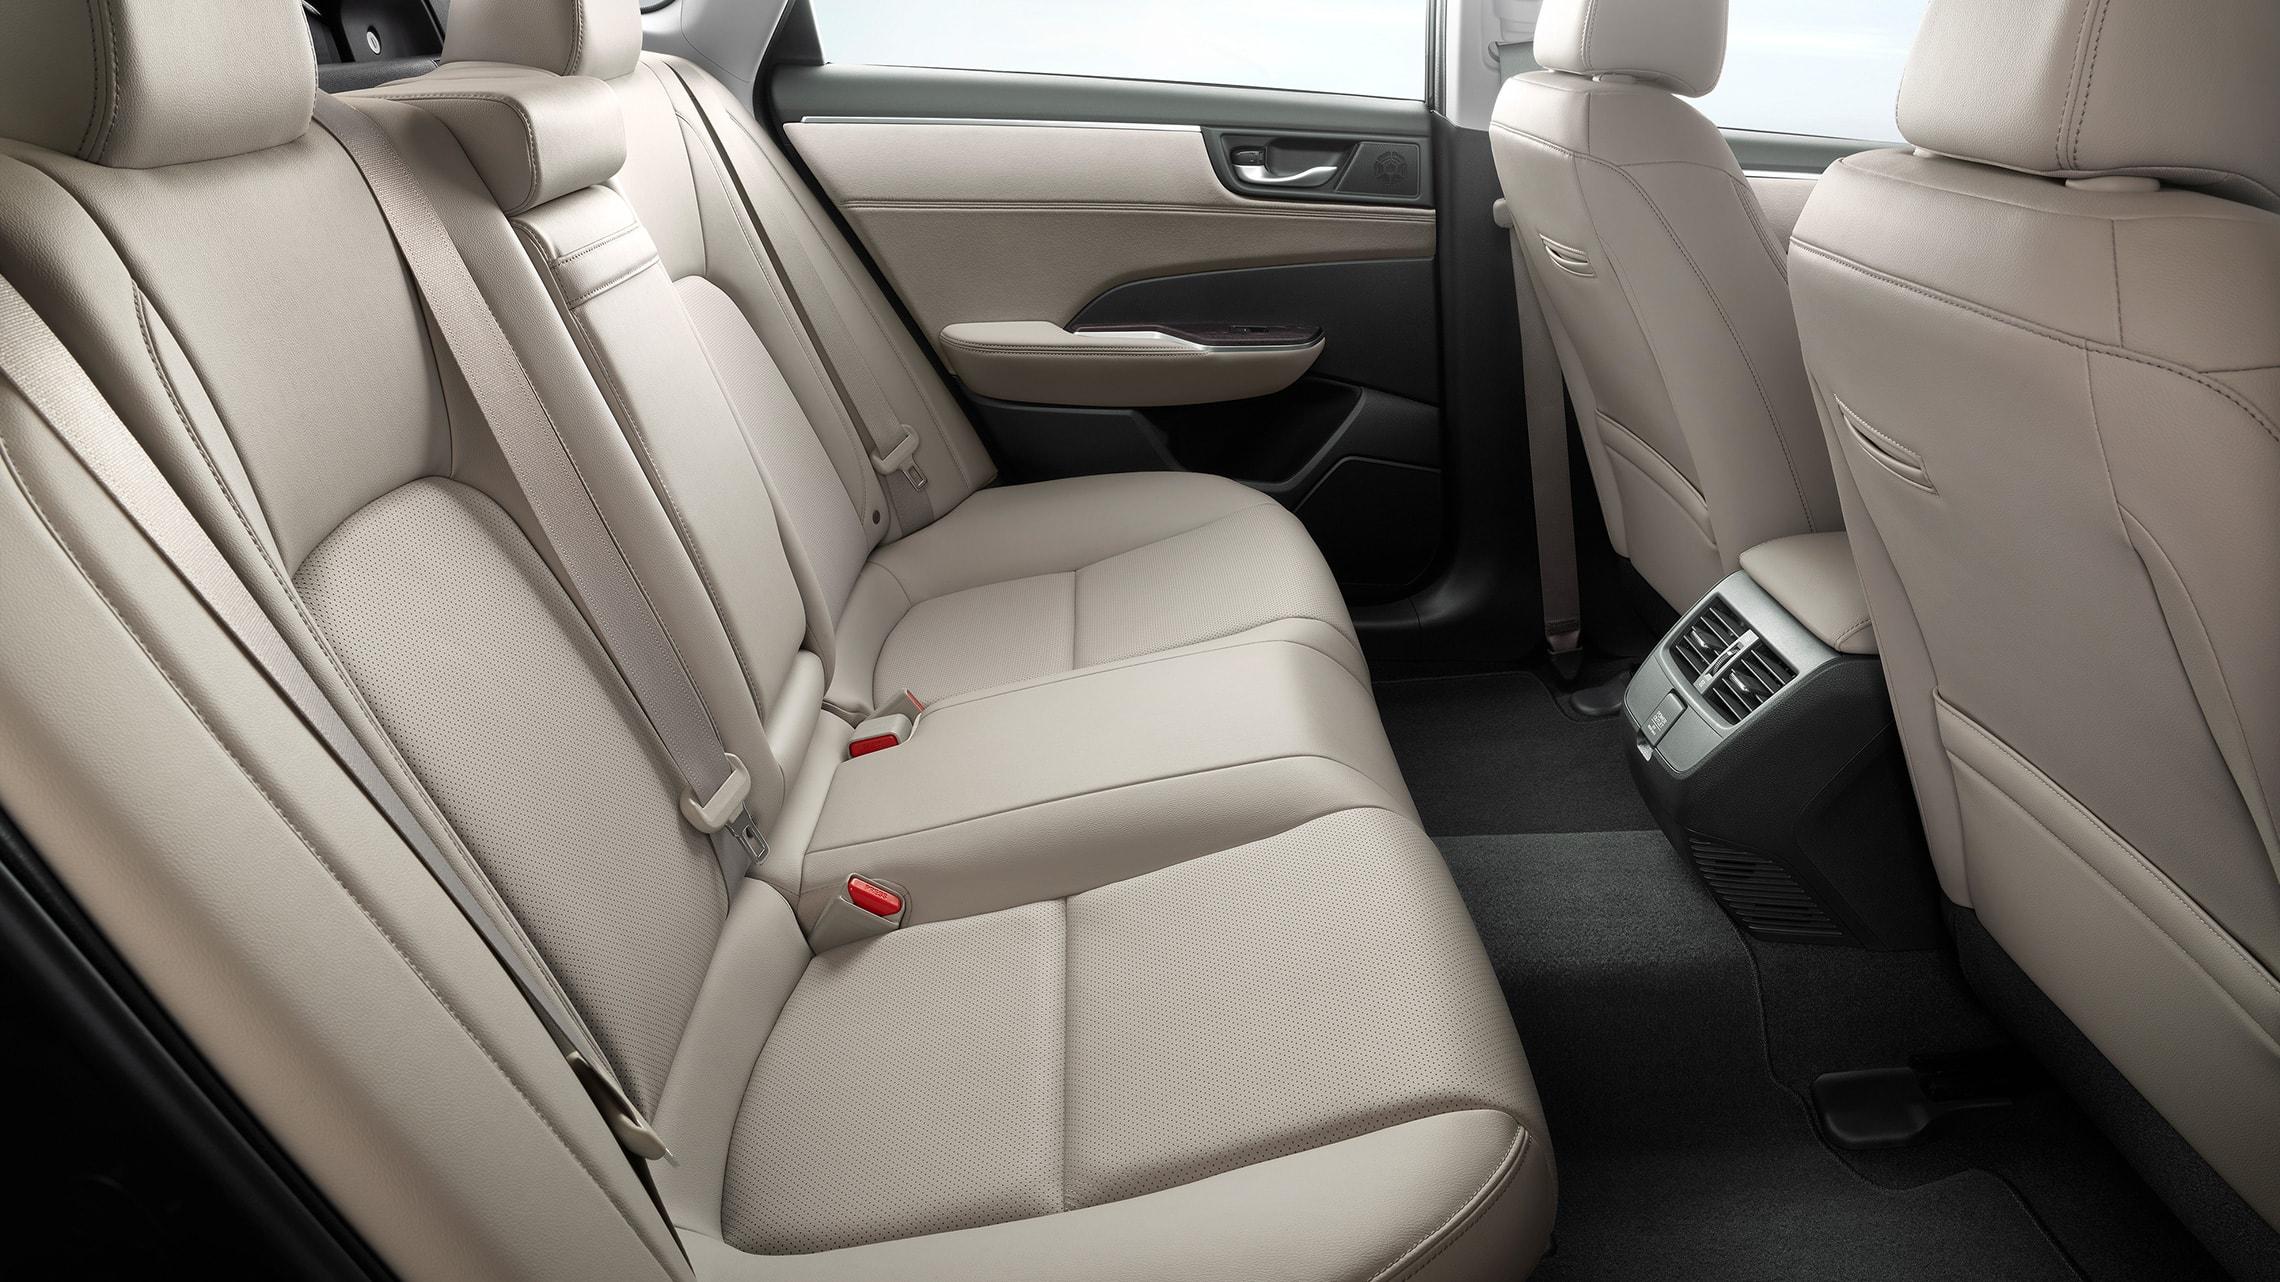 Asientos traseros del Clarity Plug-In Hybrid2020 con interior con detalles de Beige Leather